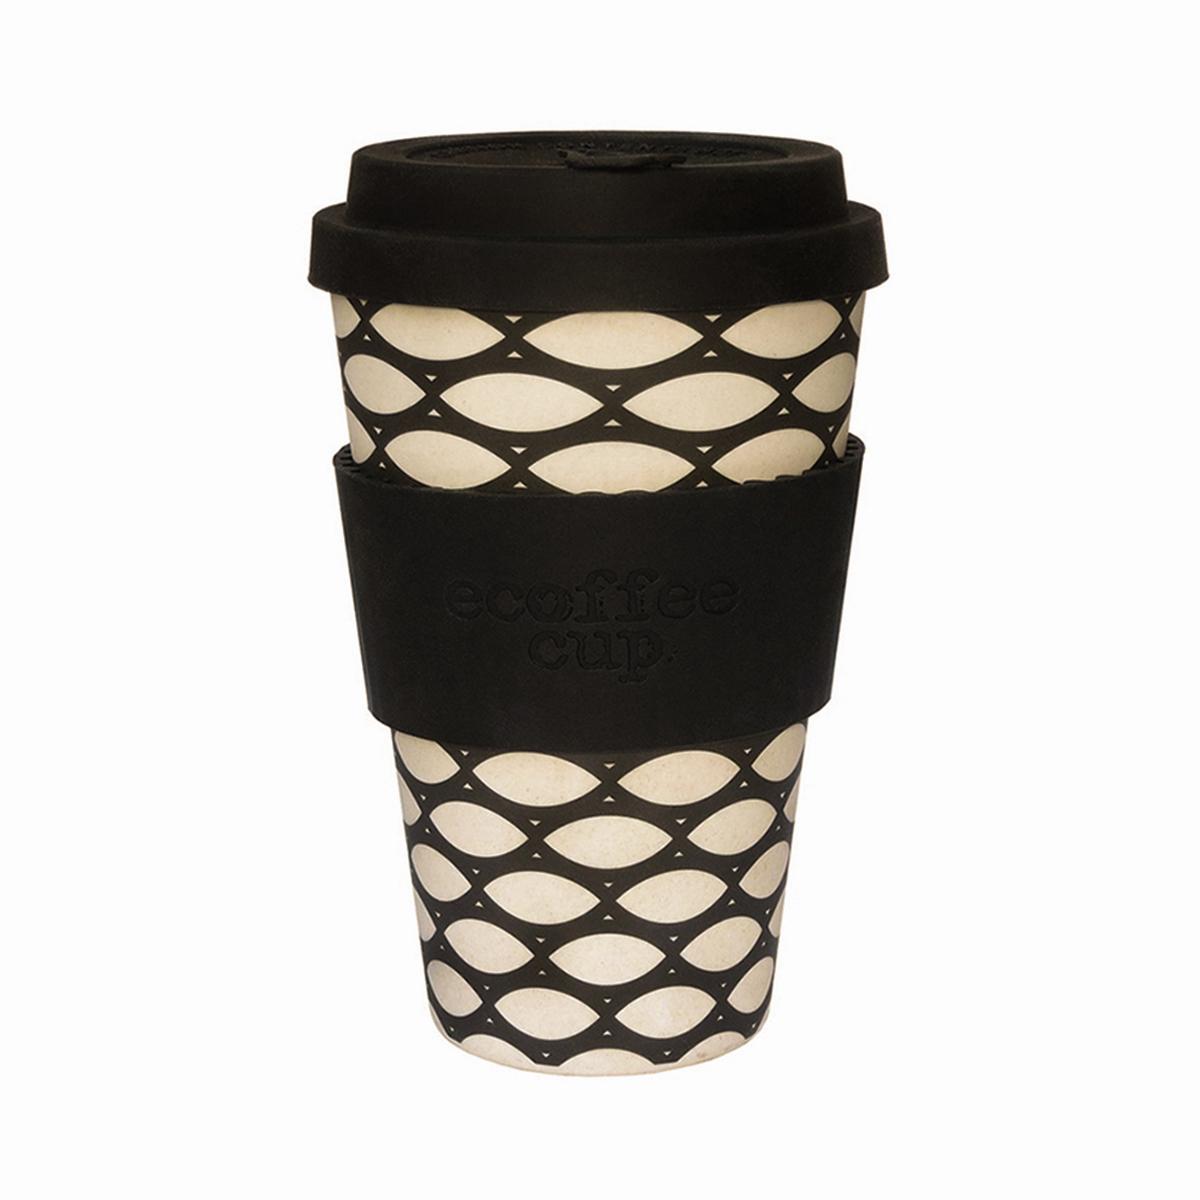 エコーヒーカップ|Basketcase